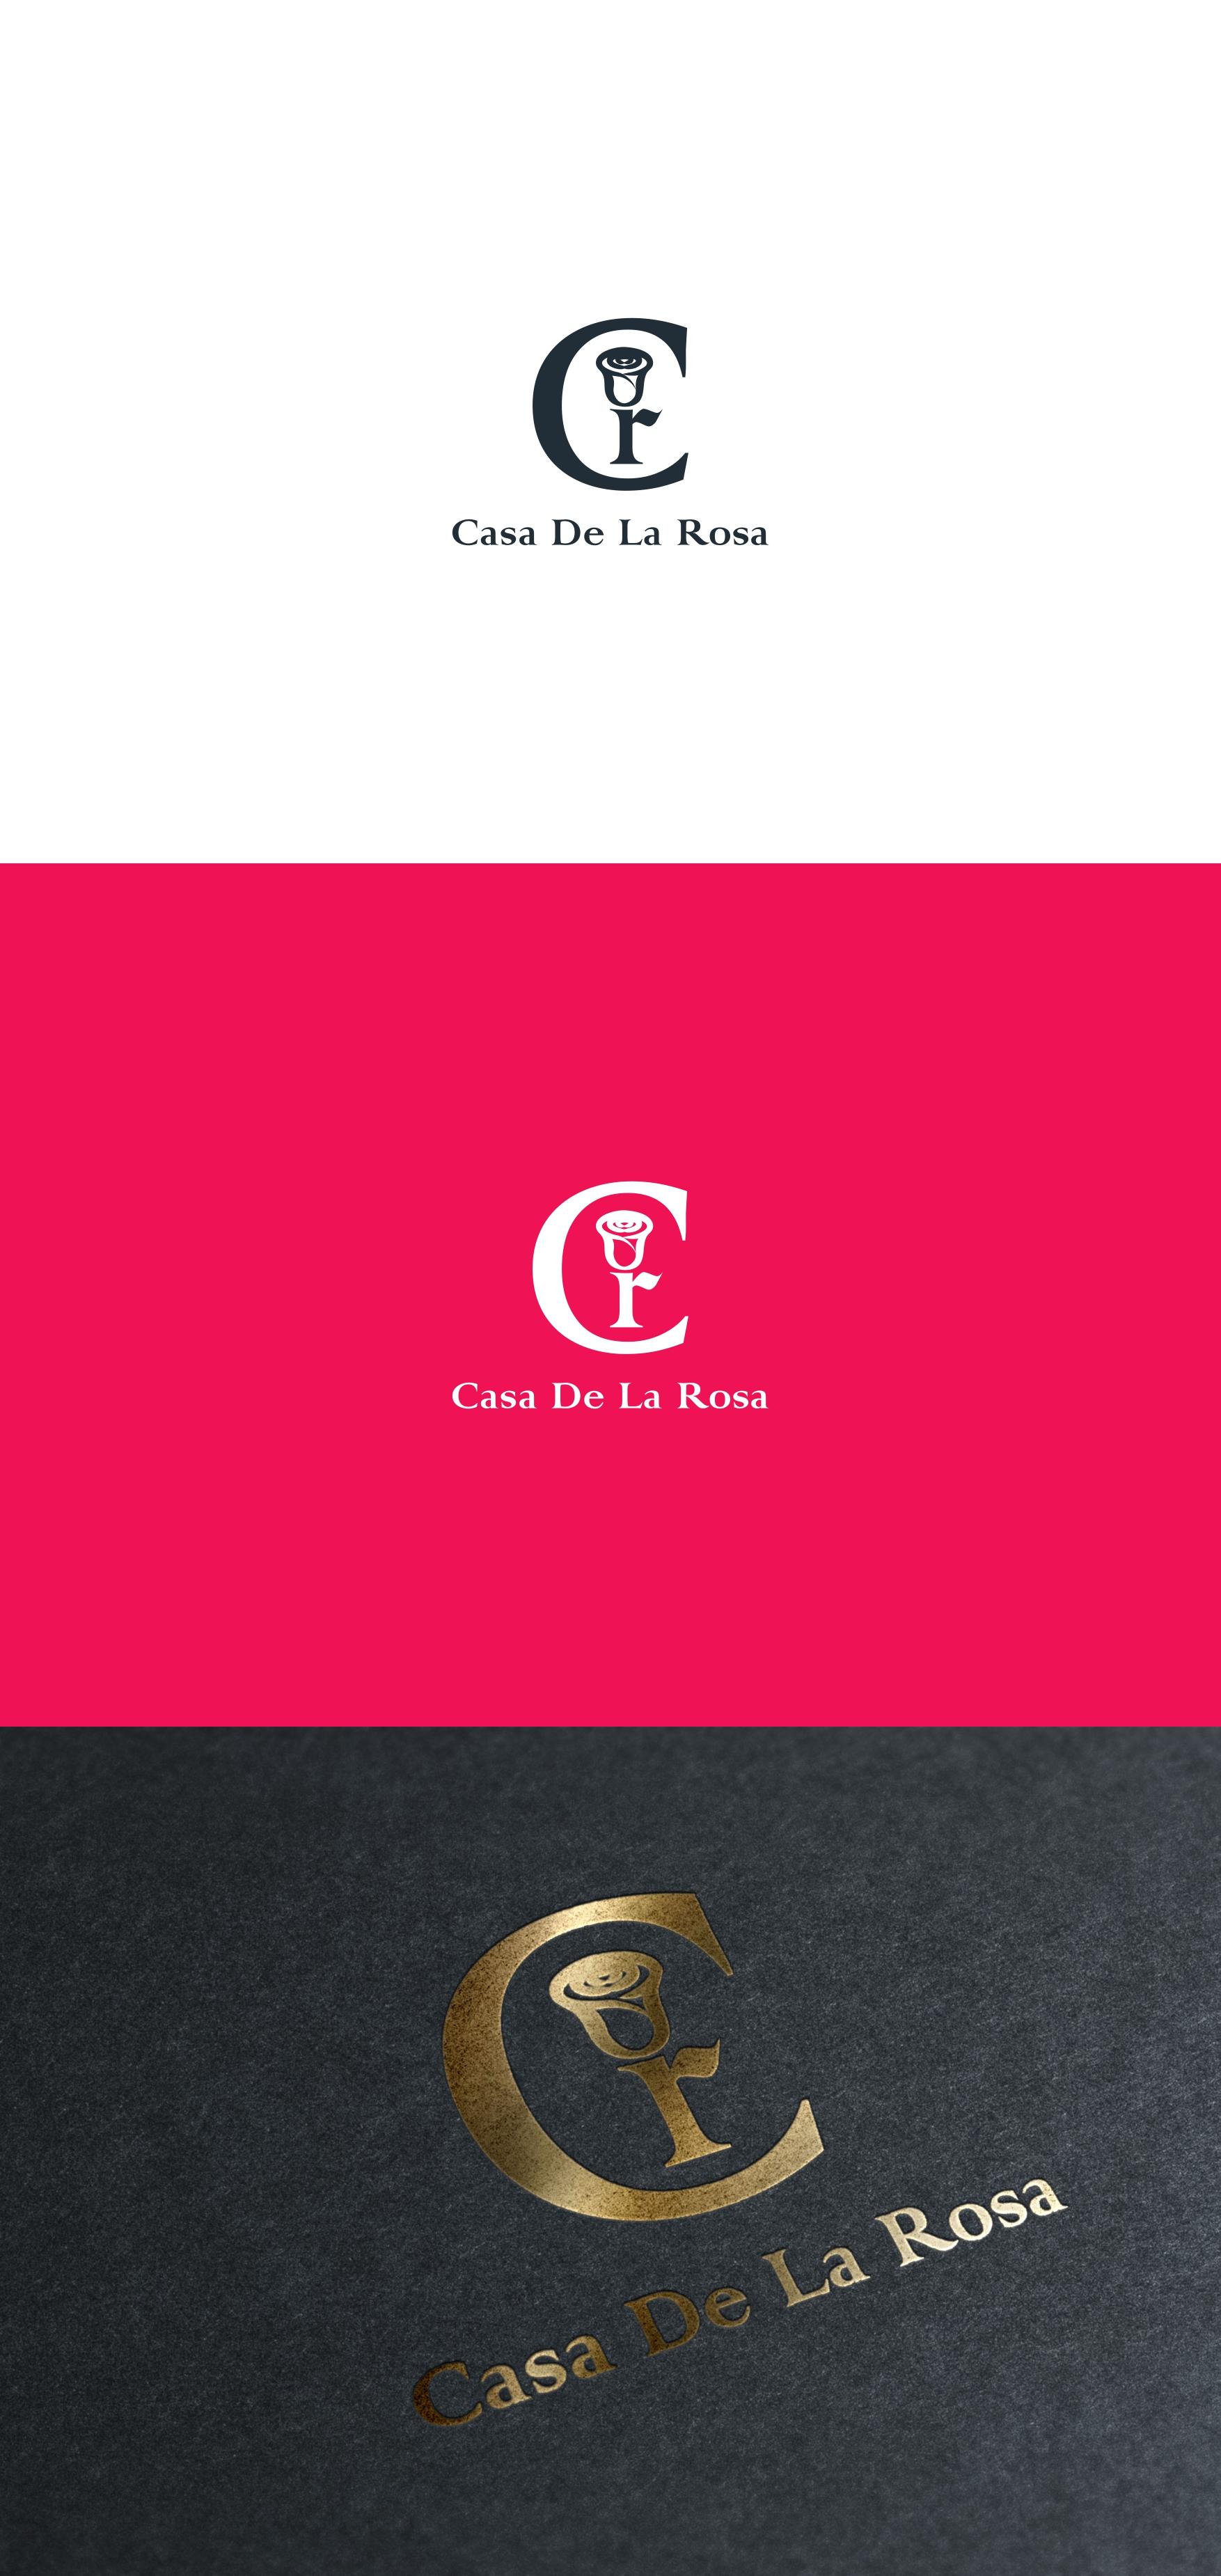 Логотип + Фирменный знак для элитного поселка Casa De La Rosa фото f_3345cd82b40c2535.jpg